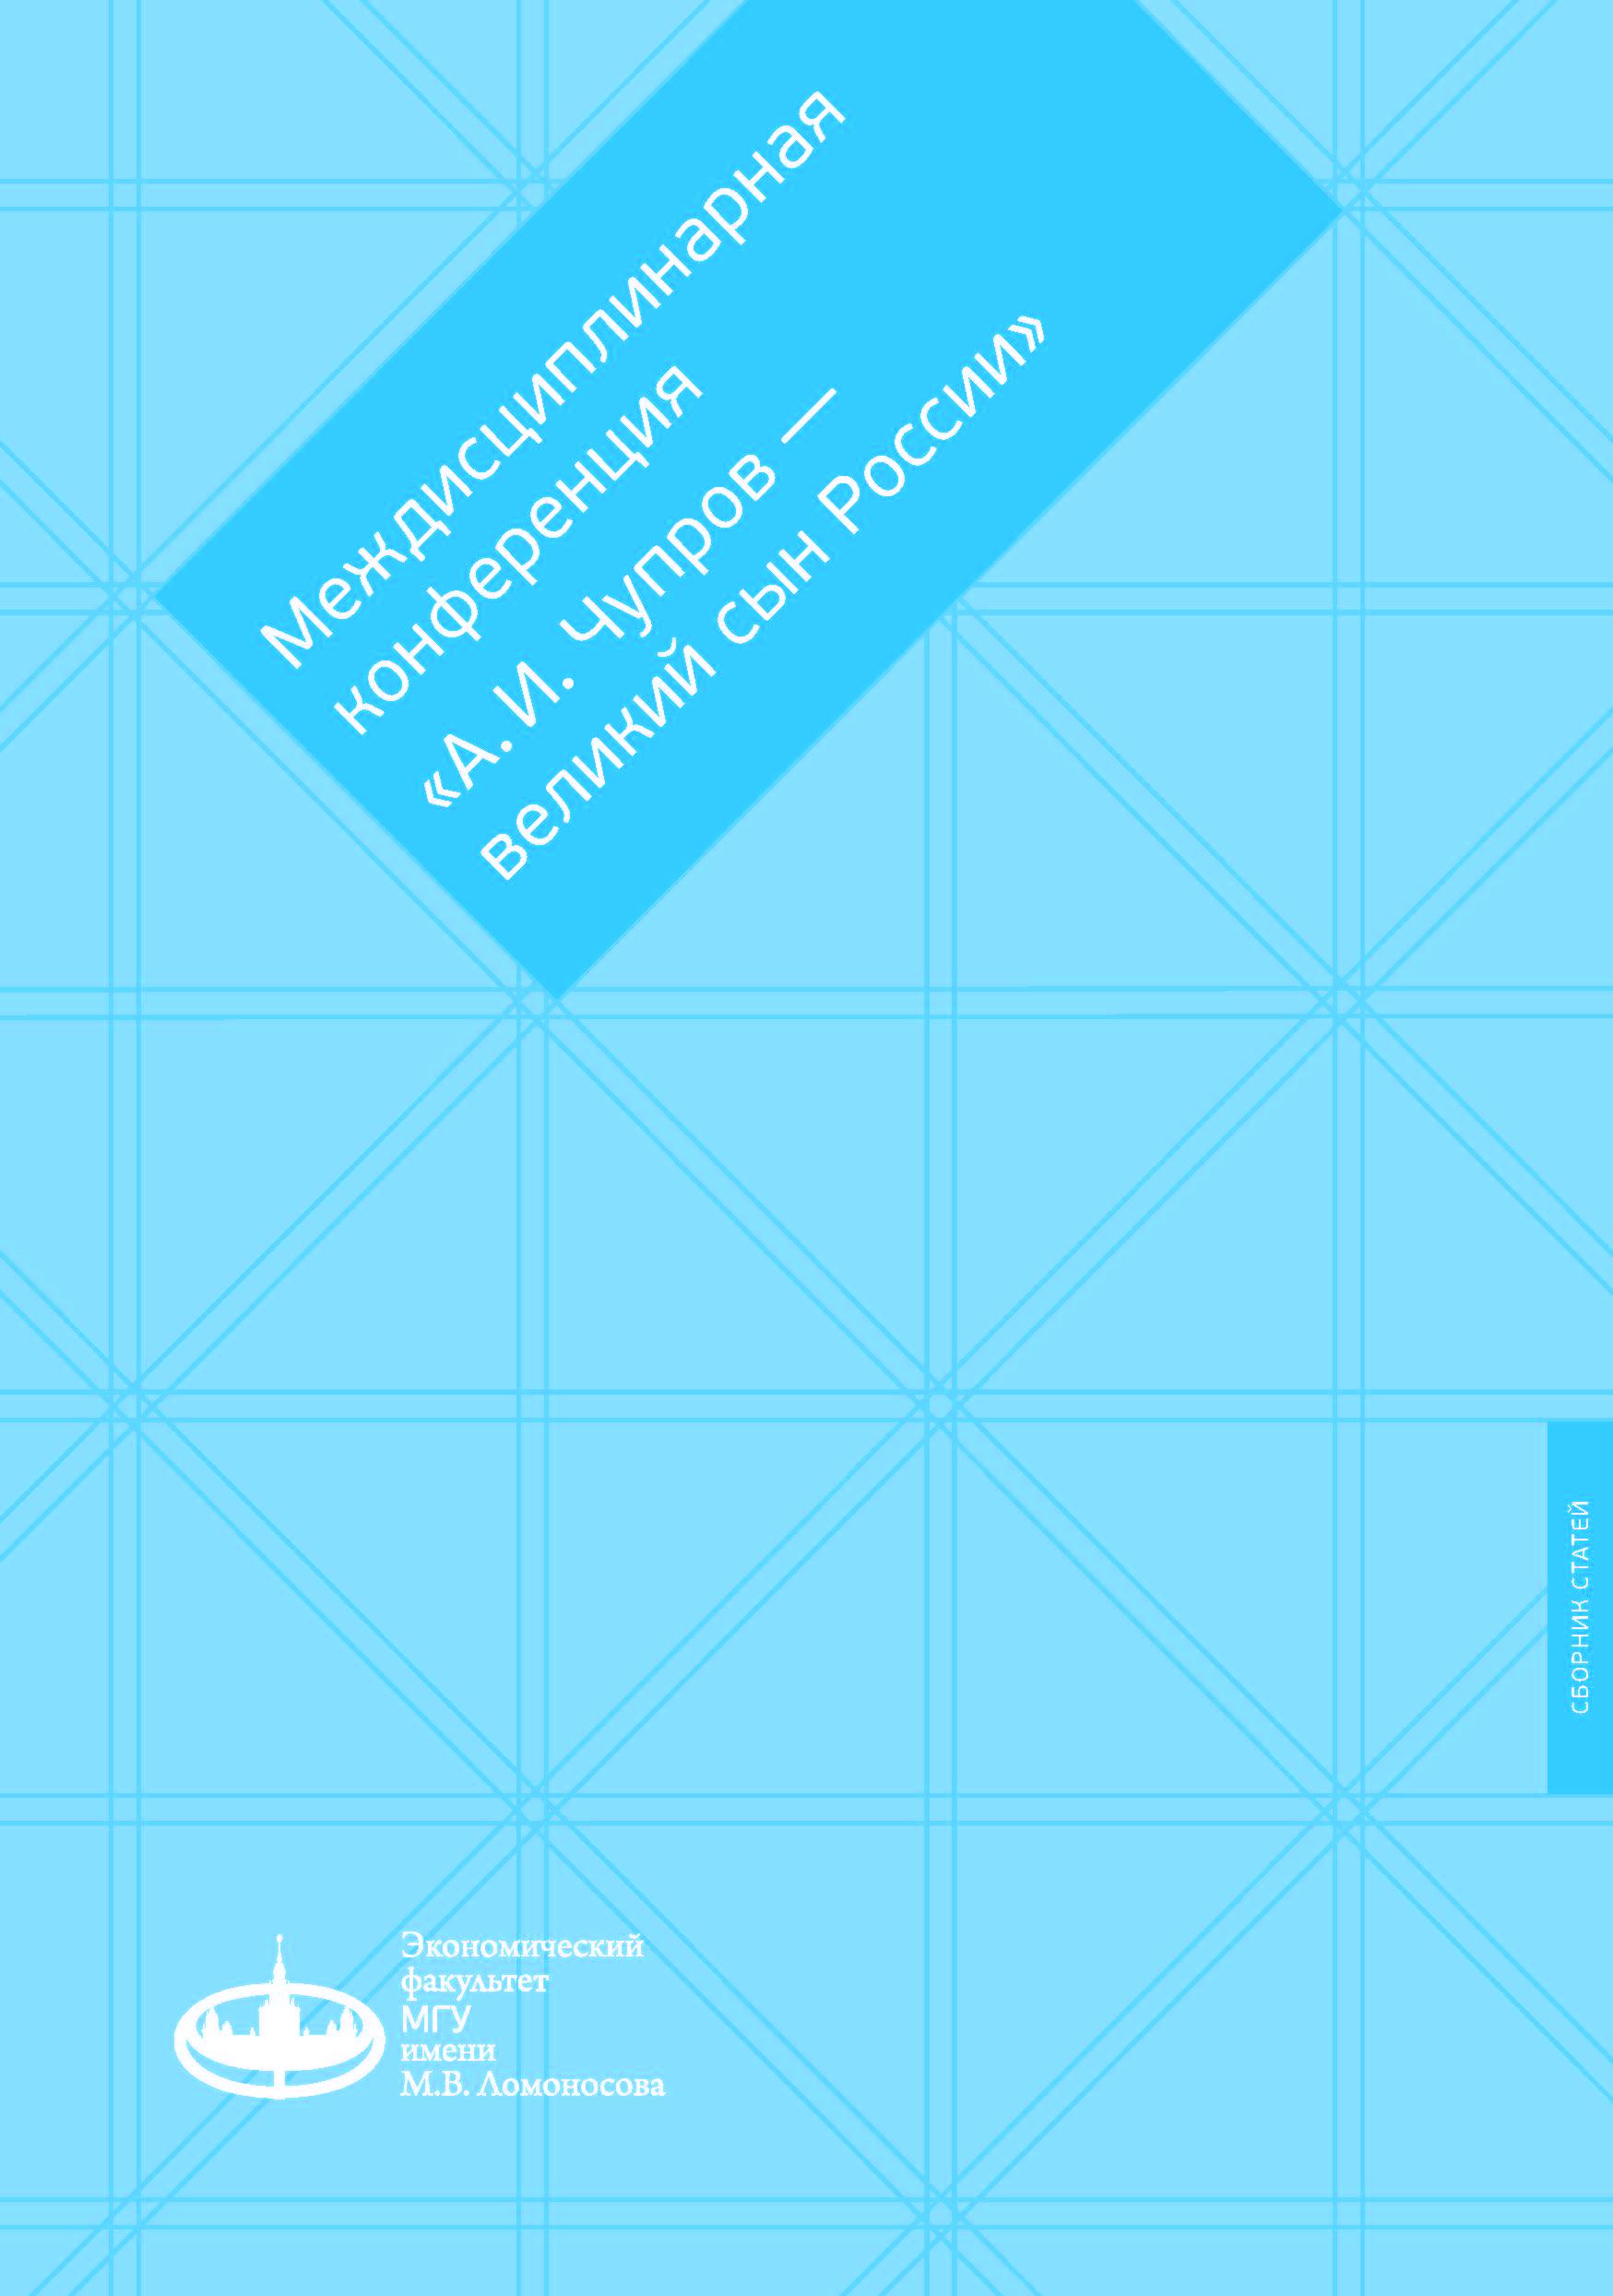 Политико-экономические взгляды А.И. Чупрова и М.И. Туган-Барановского: сравнительный анализ